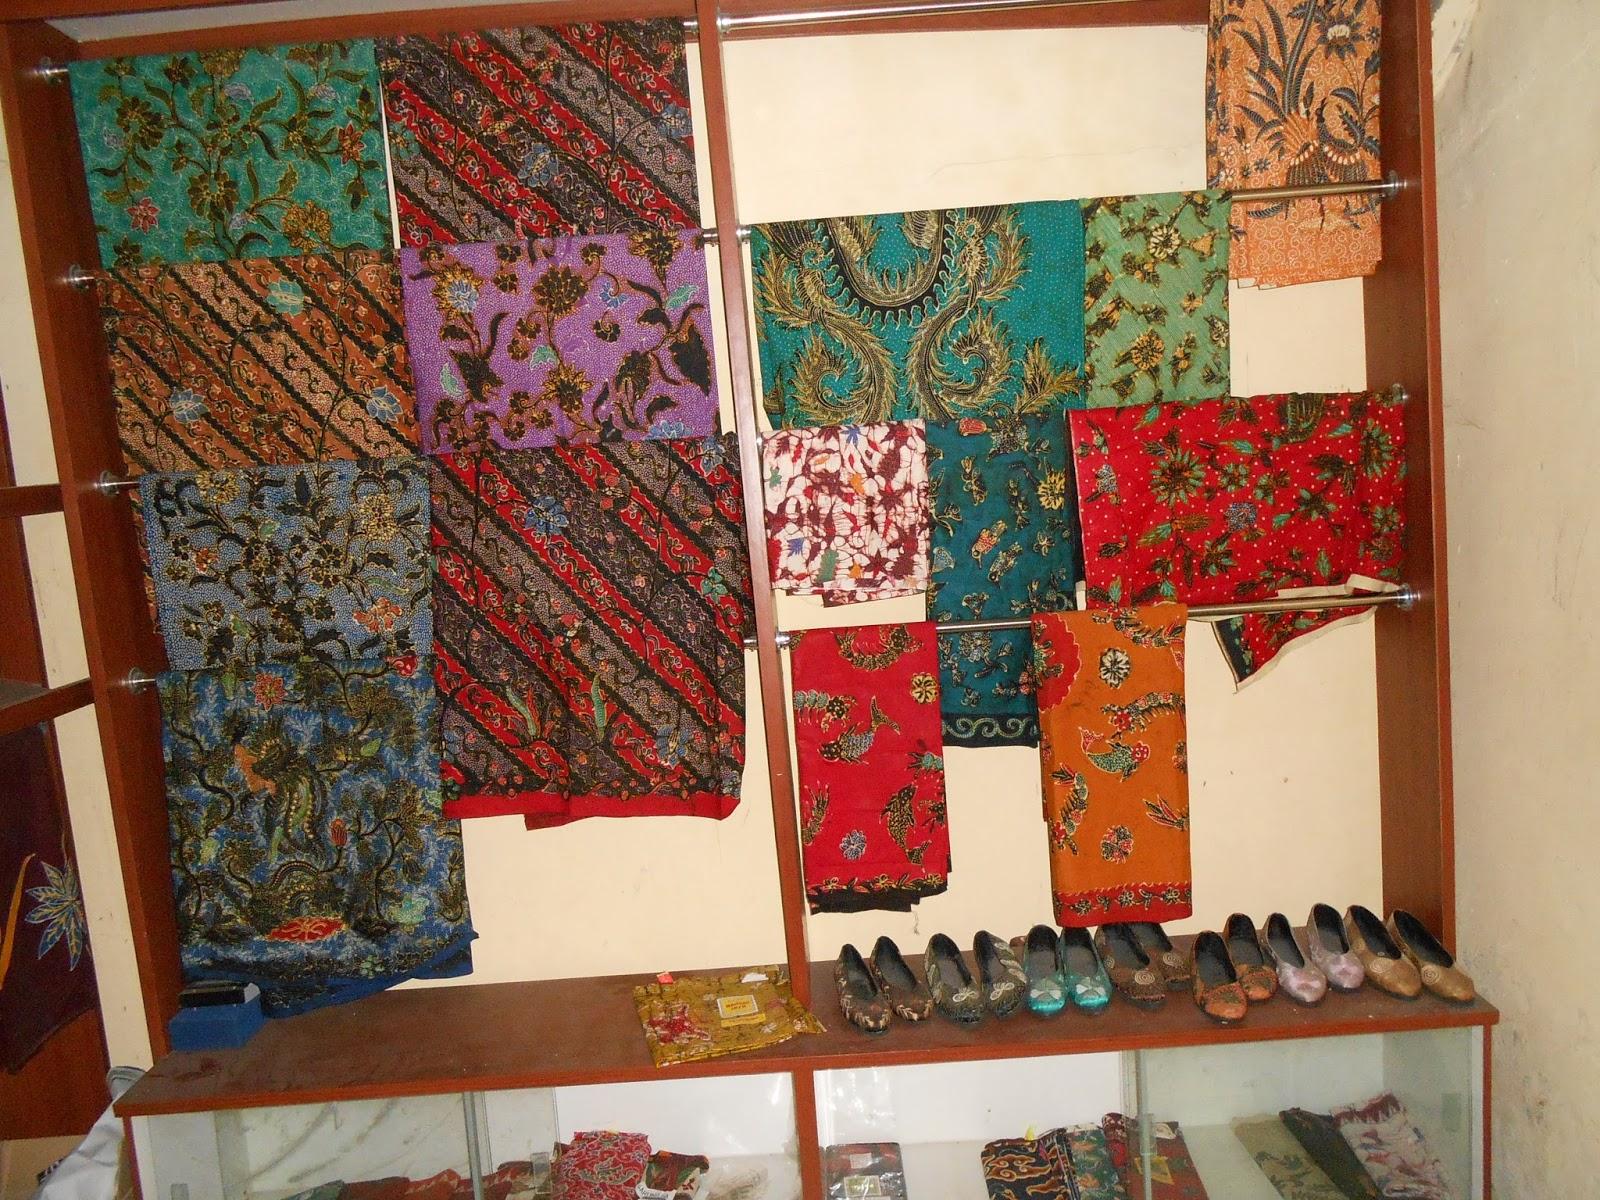 Inovasi Daerah Batik Jetis Pusaka Sejarah Warga Sidoarjo Gambar 1